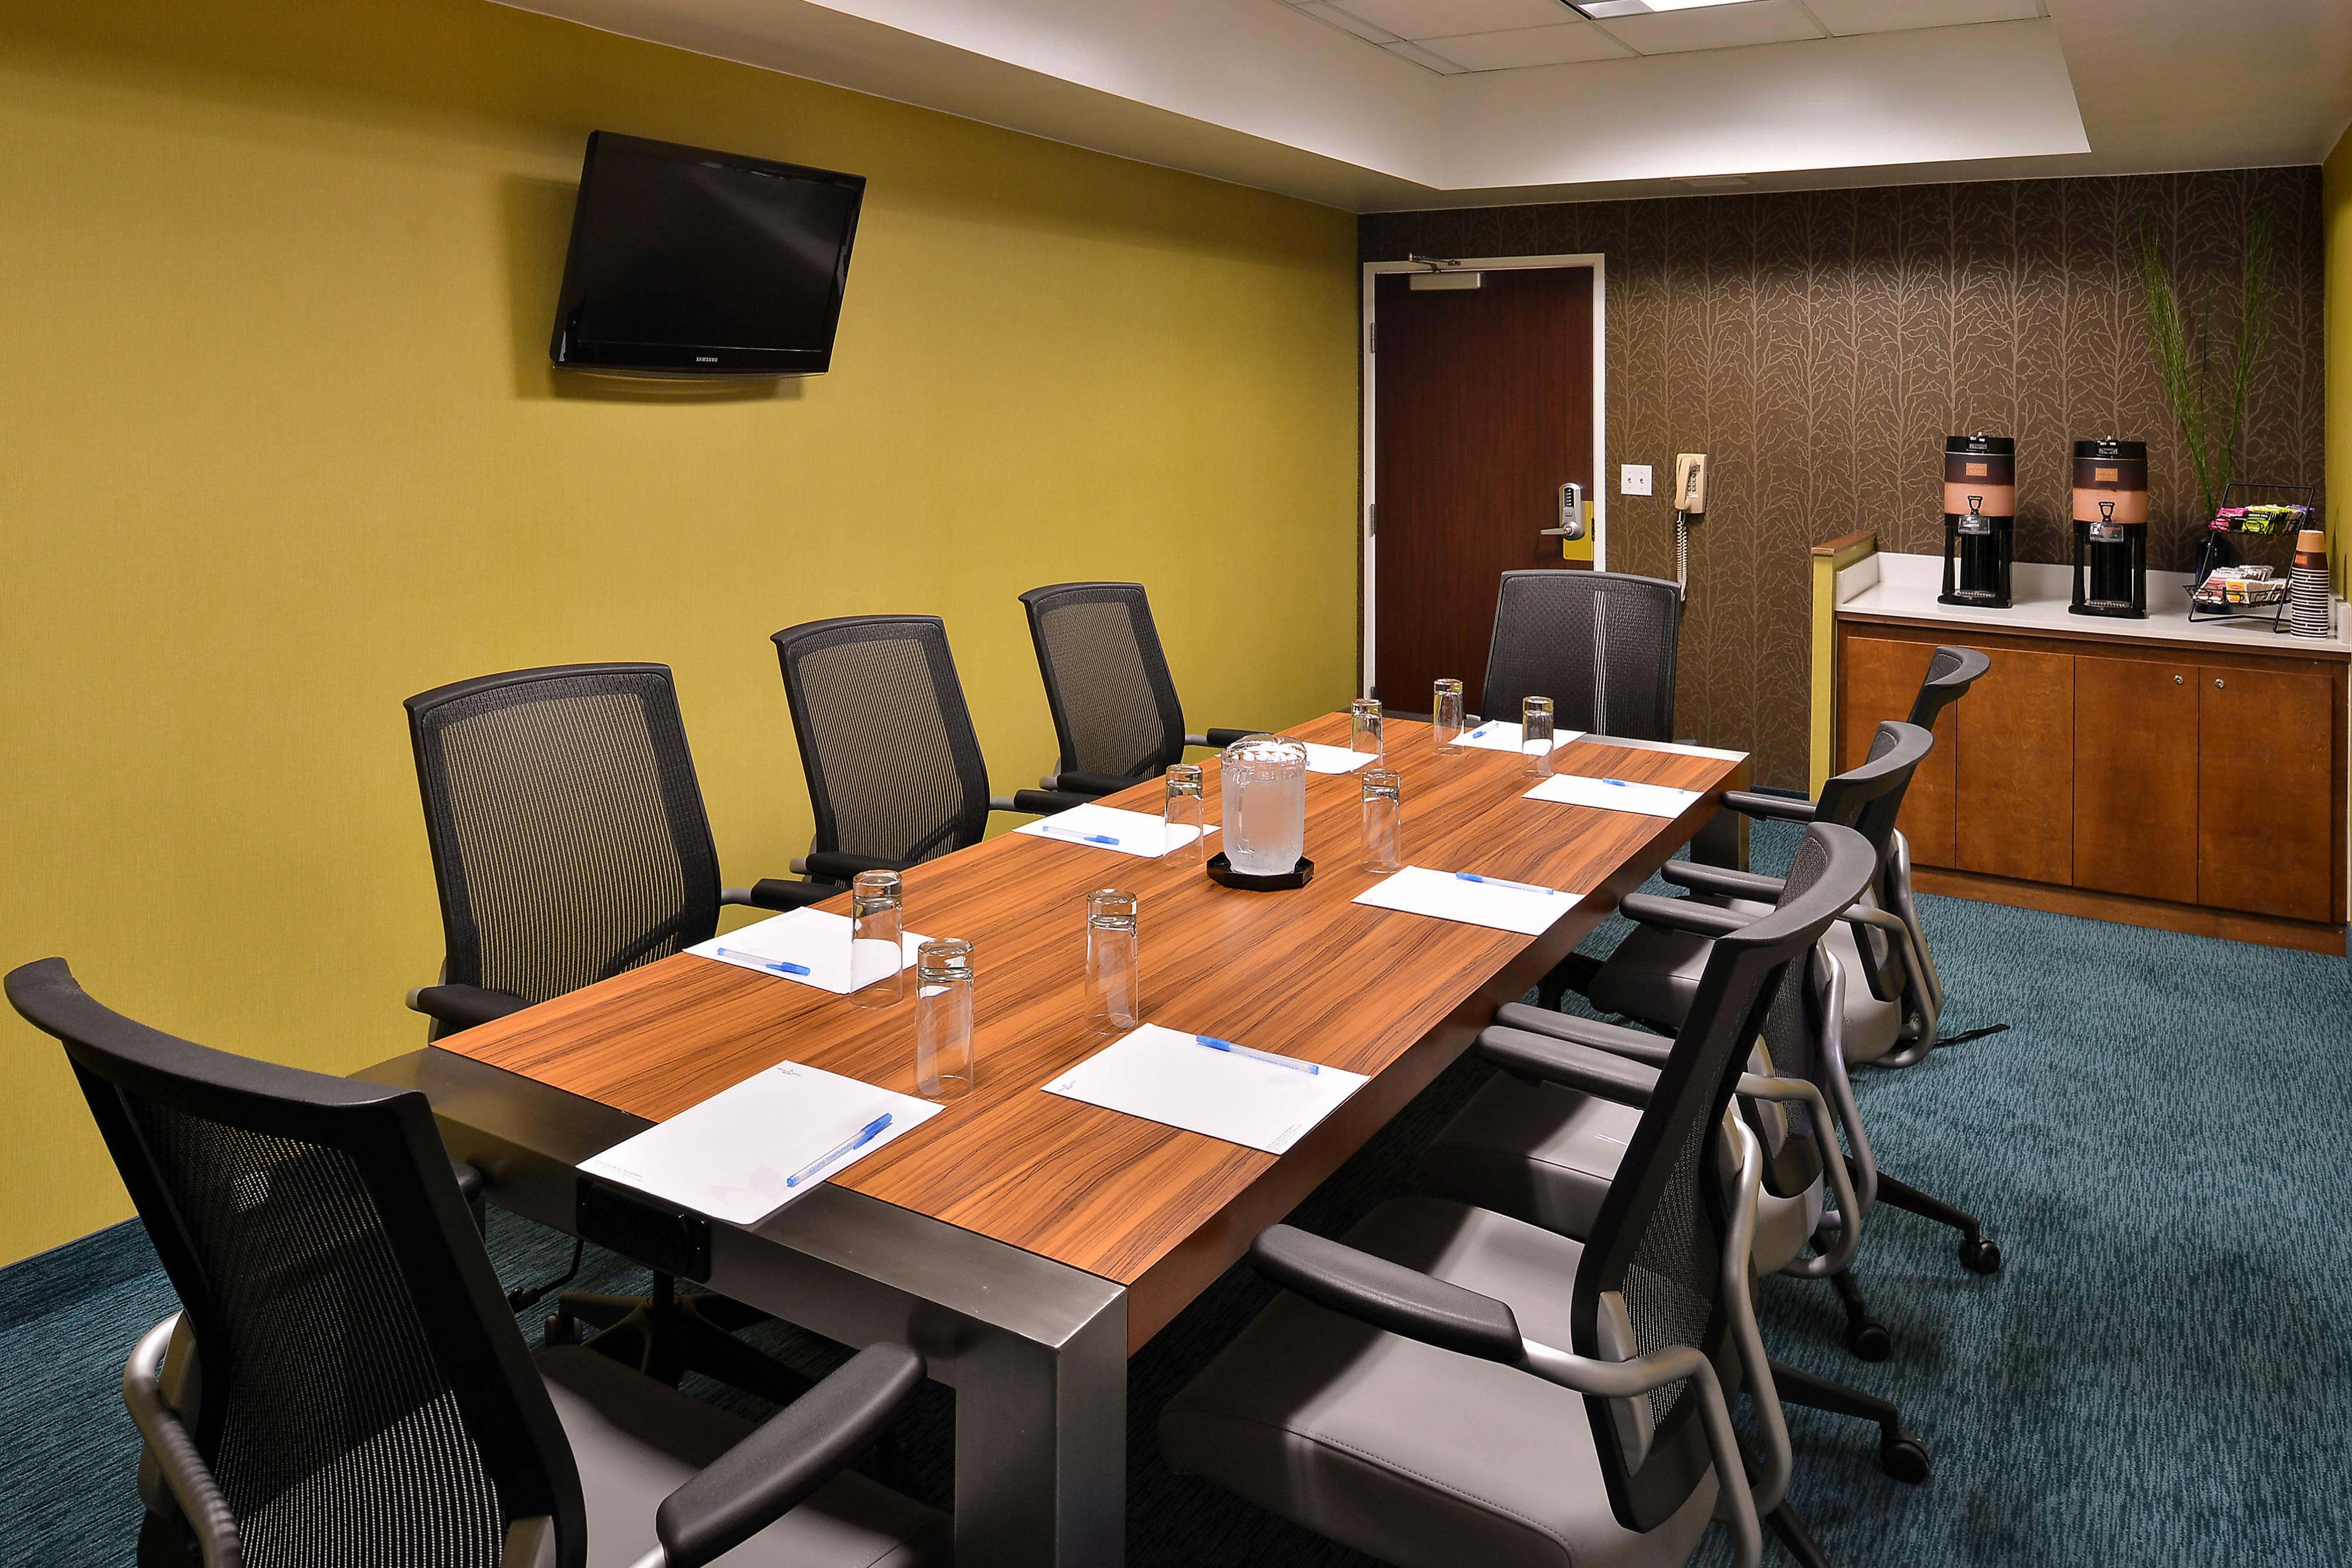 Salle de réunion à Arcadia, Californie